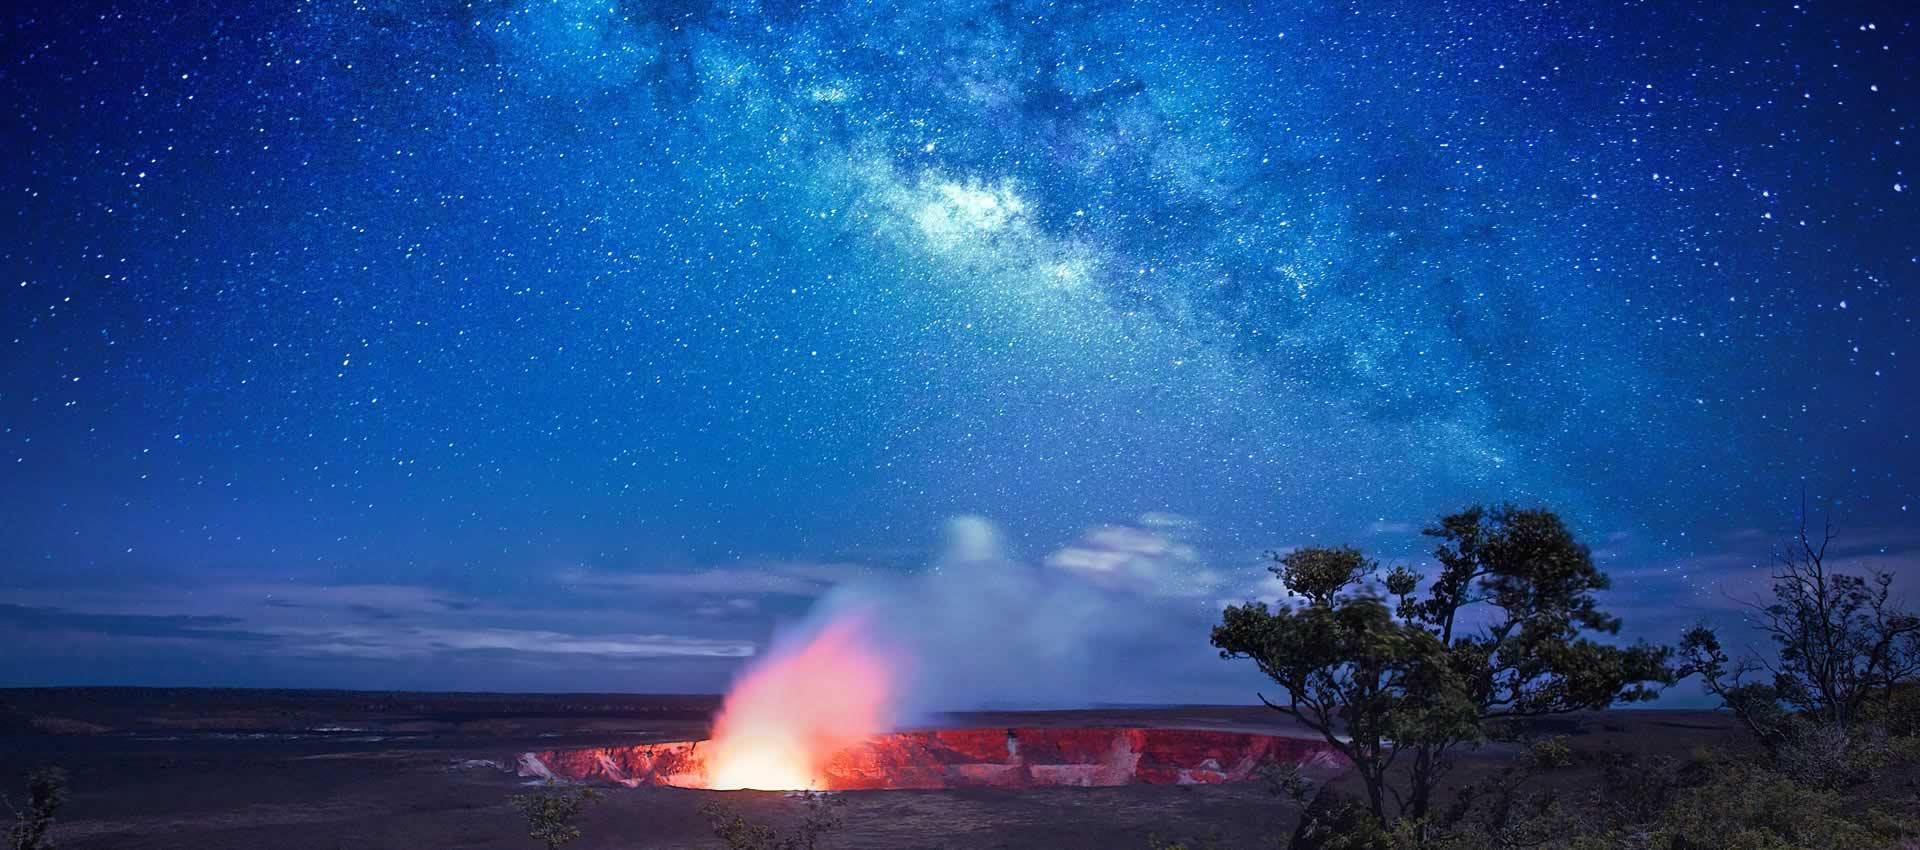 Volcano-Hawaii-stary-sky